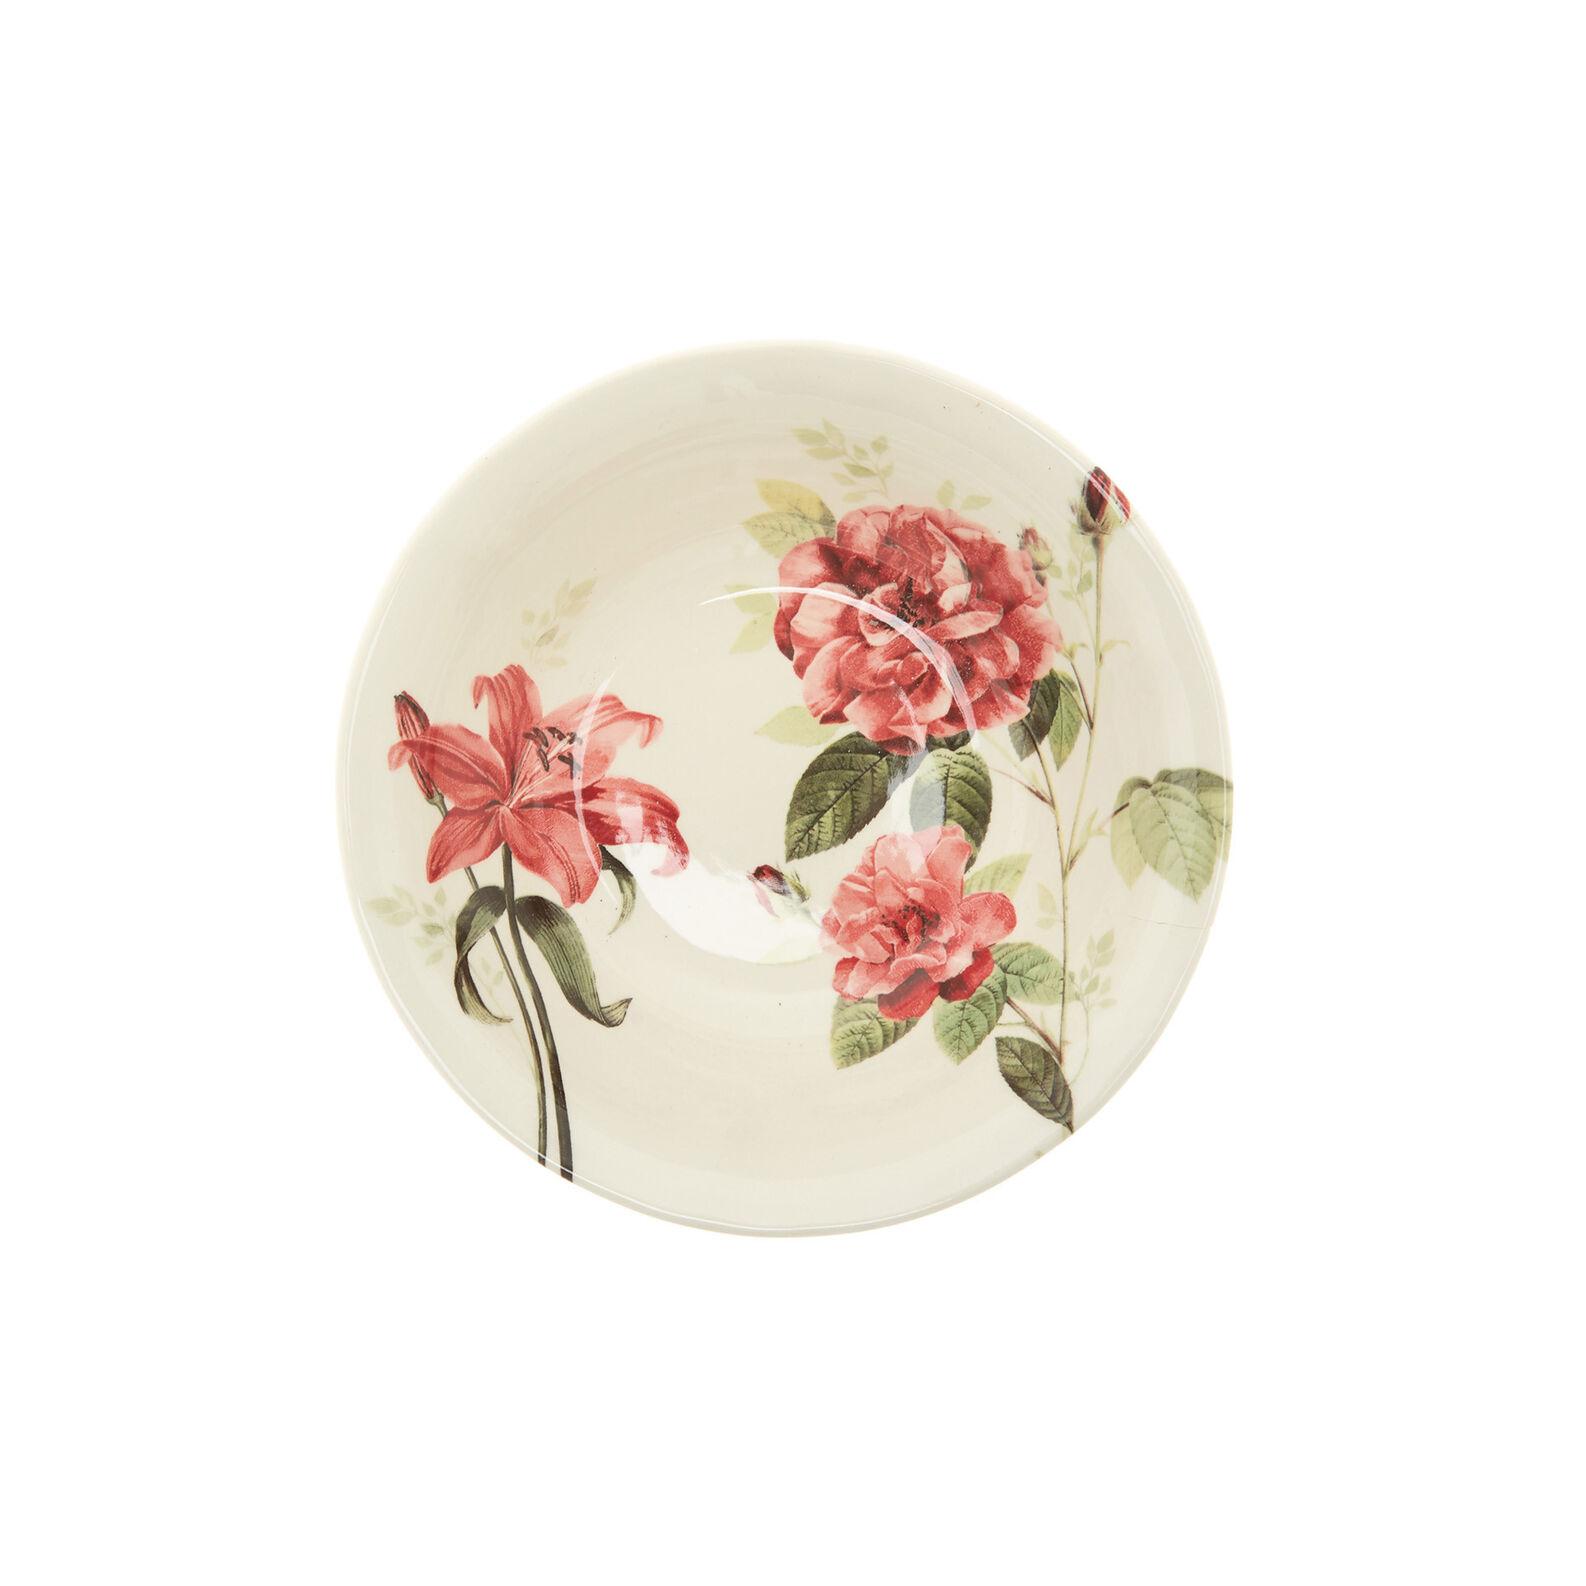 Rosemary small ceramic bowl